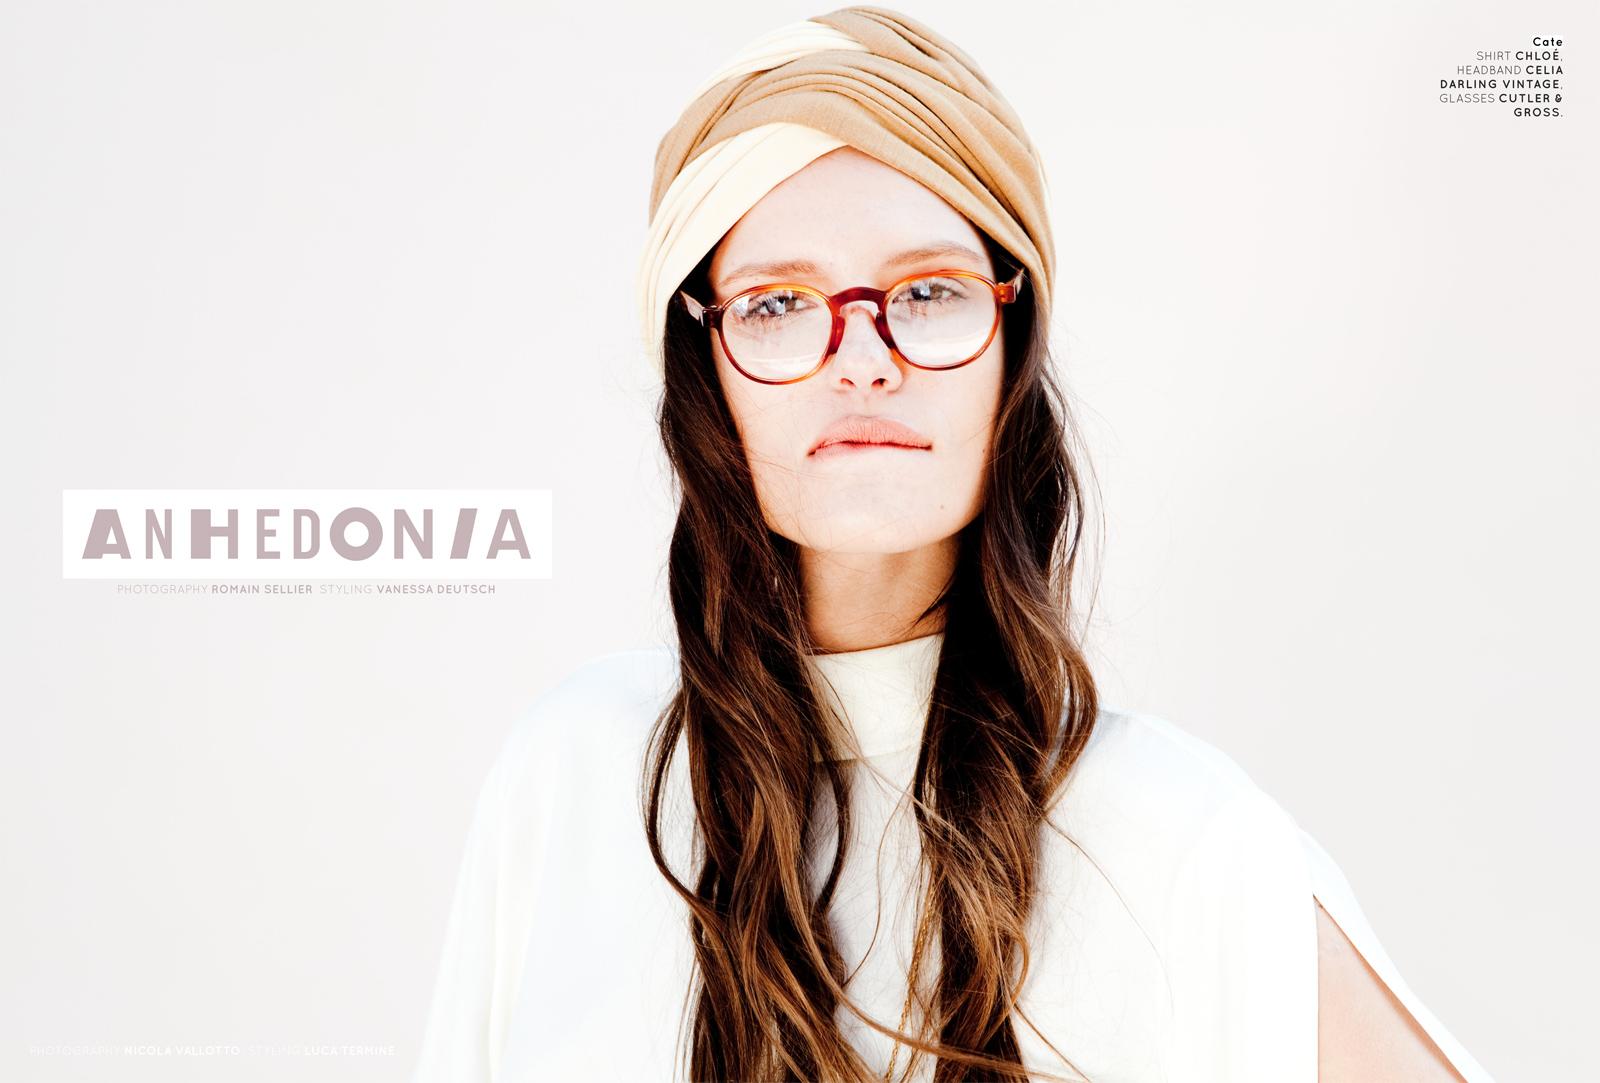 anhedonia-01